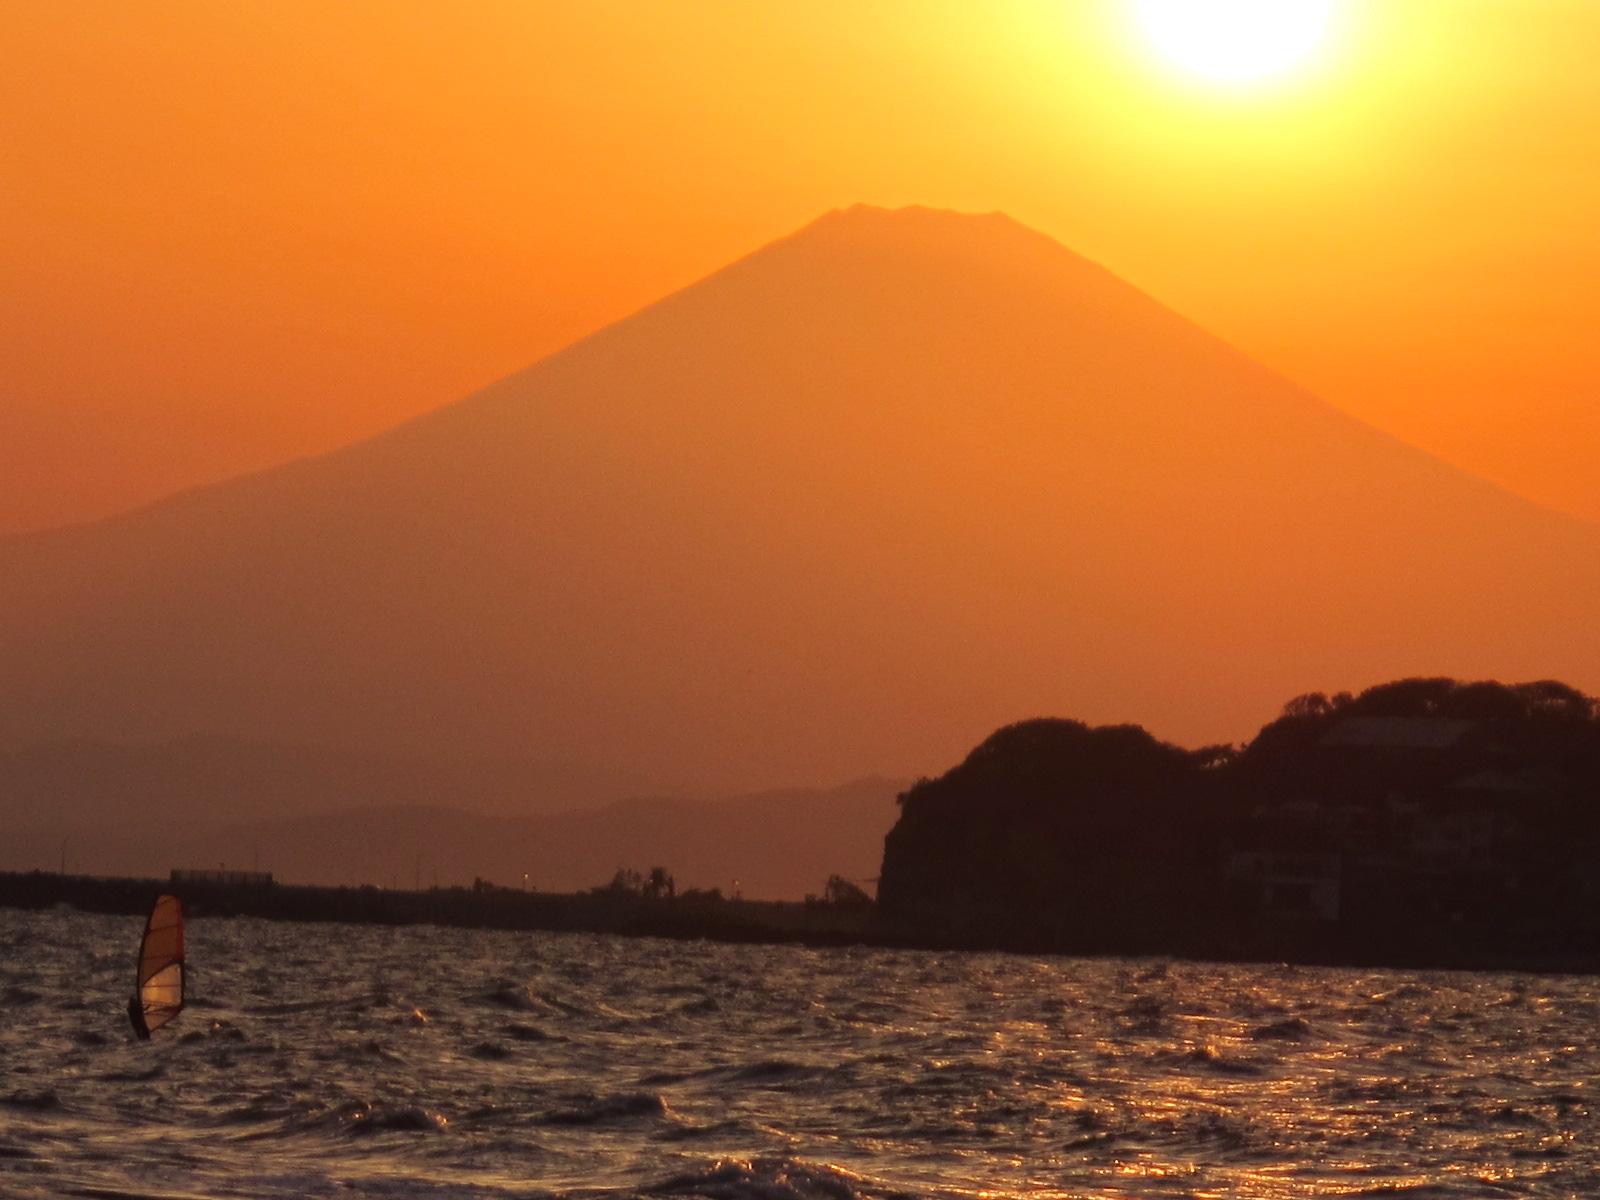 金色に耀く、ゴールデン富士・・・8_c0075701_21464390.jpg